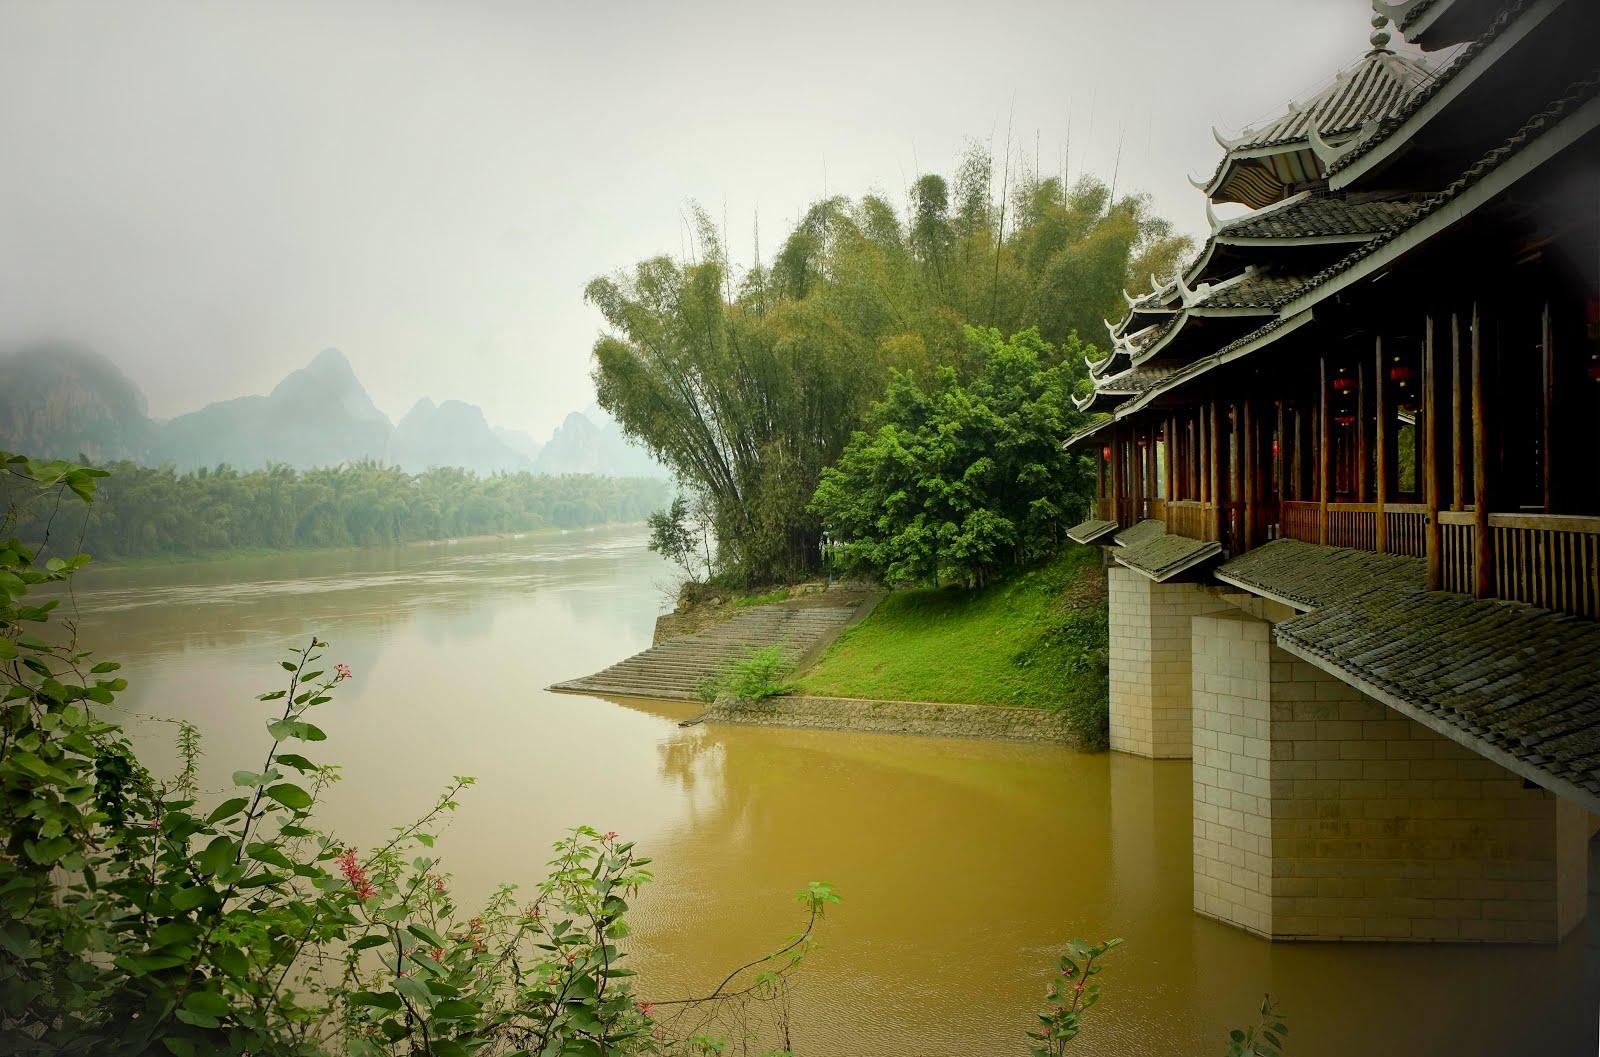 Le pont couvert et l'ile